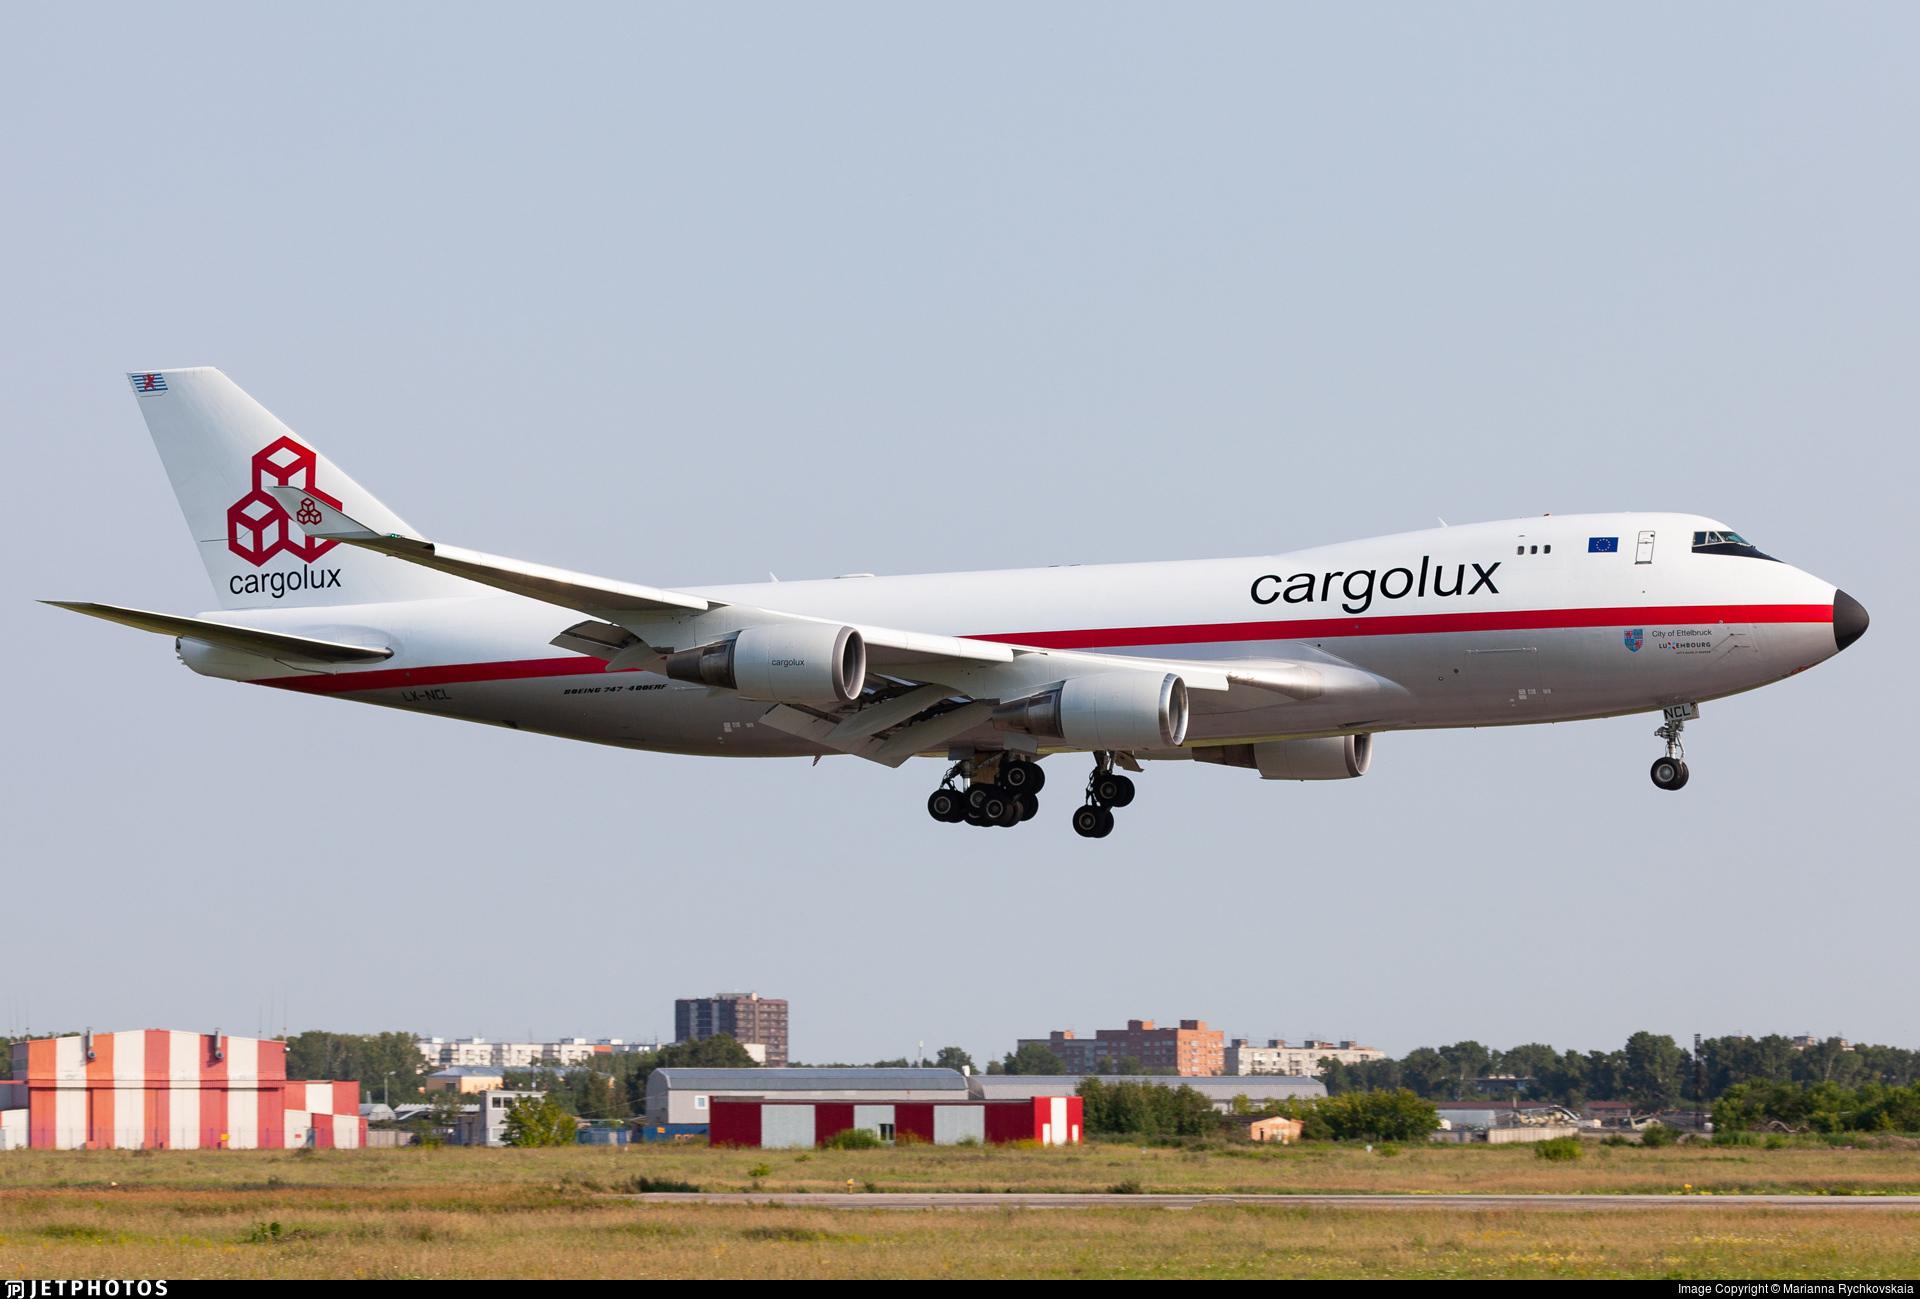 Cargolux 747 in retro jet livery